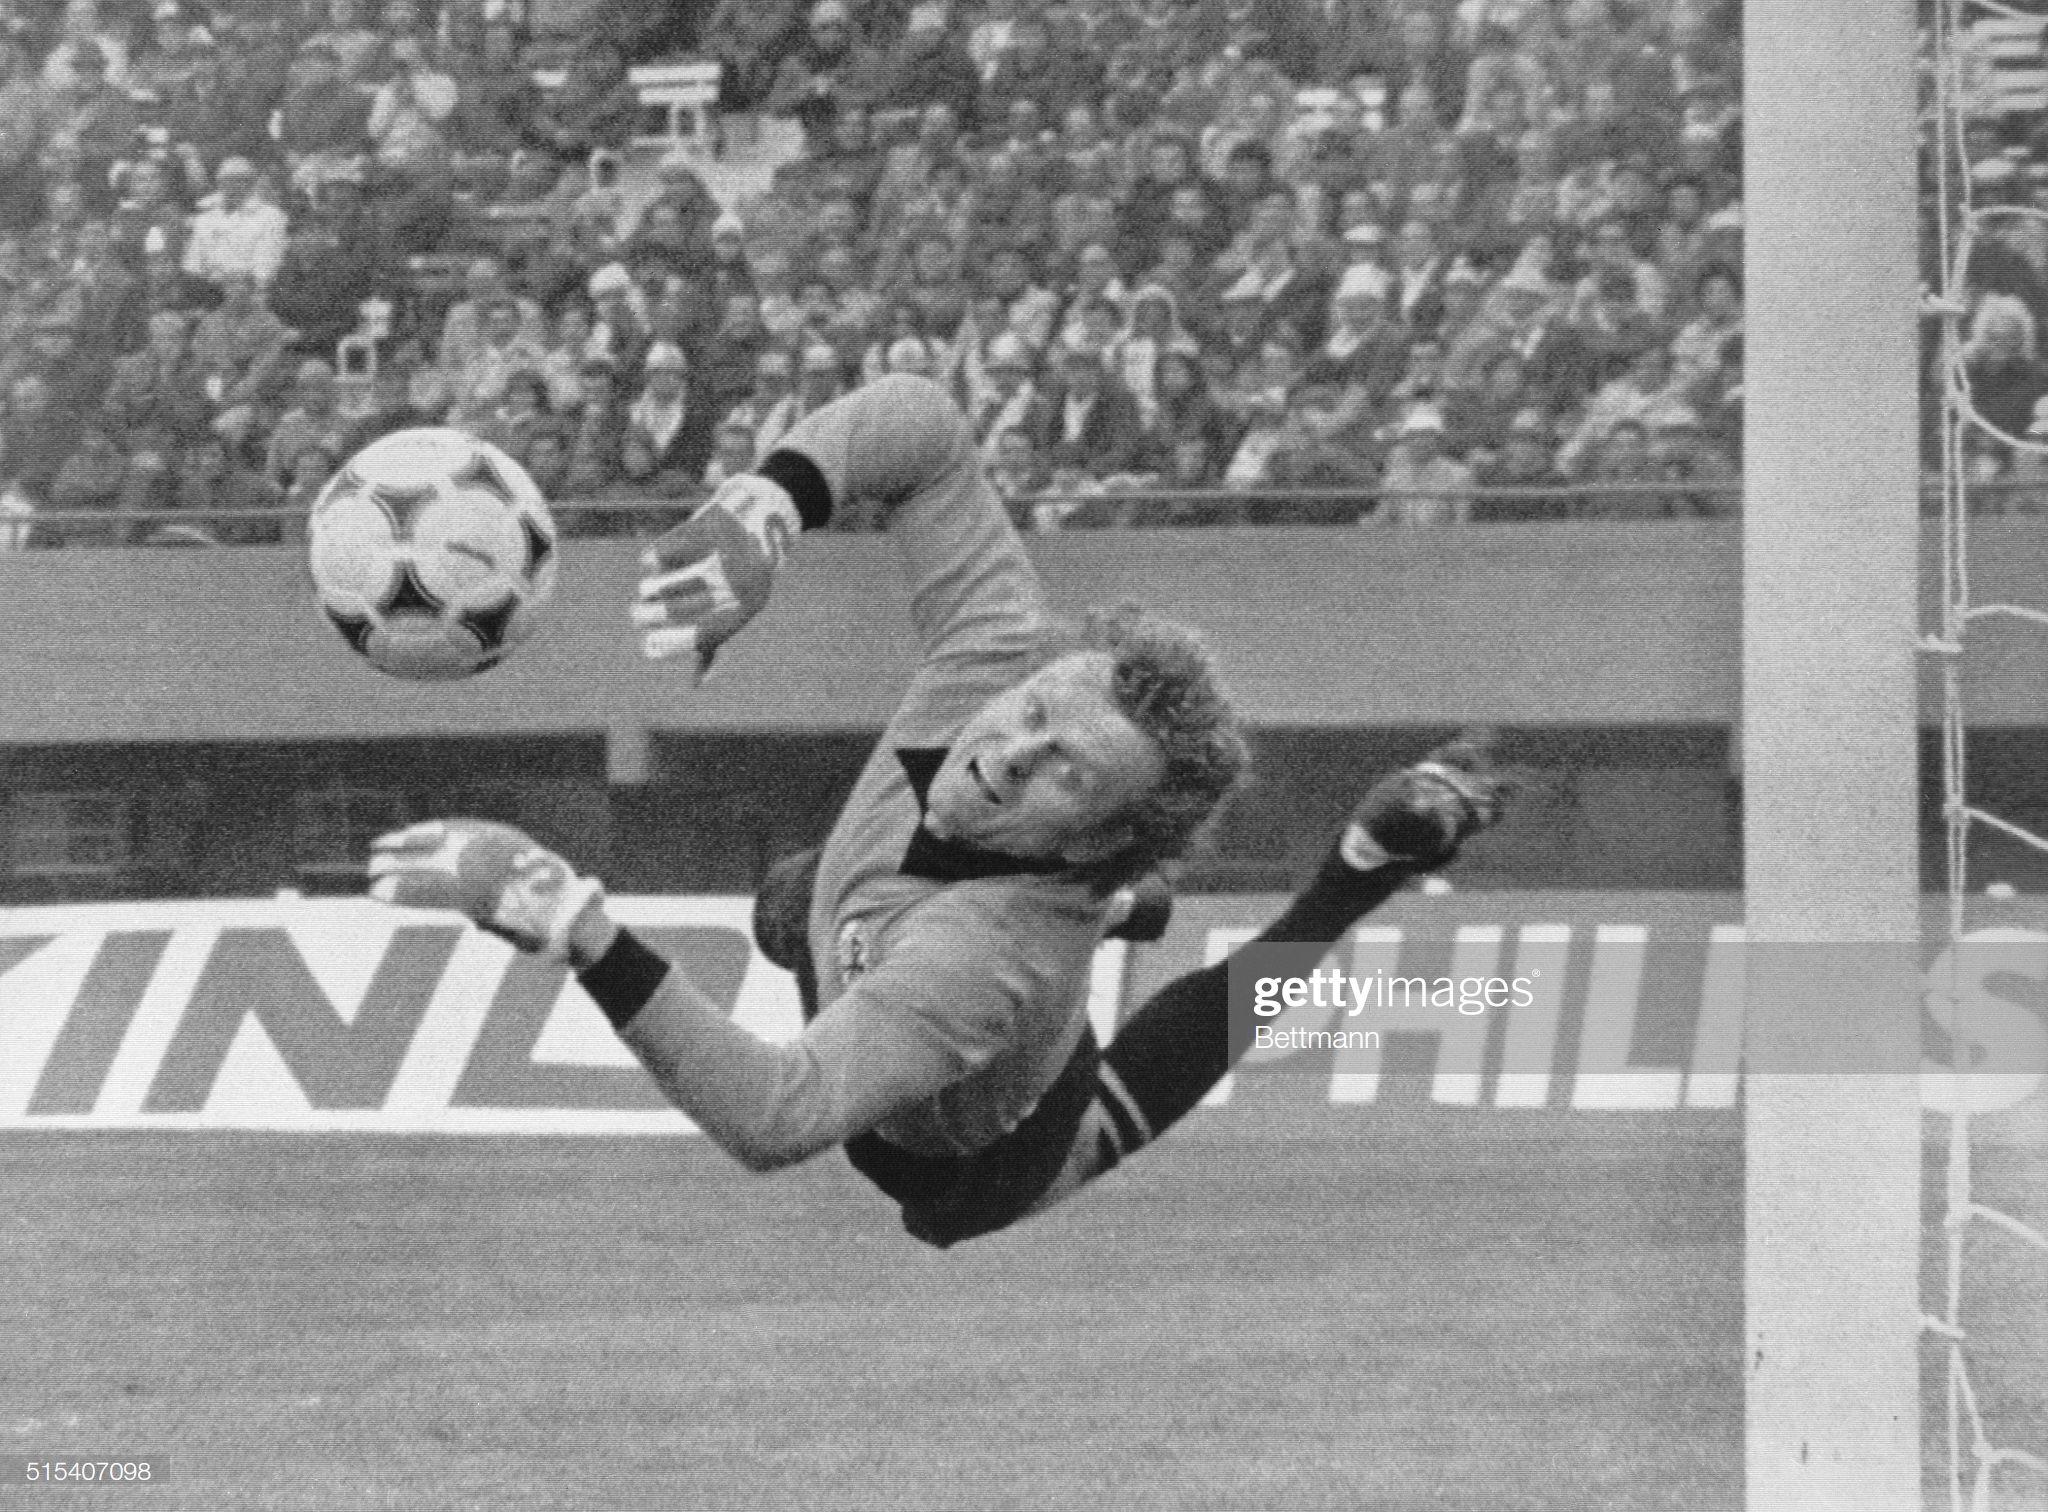 Alemania Italia 78 Fotos de fútbol, Alemania